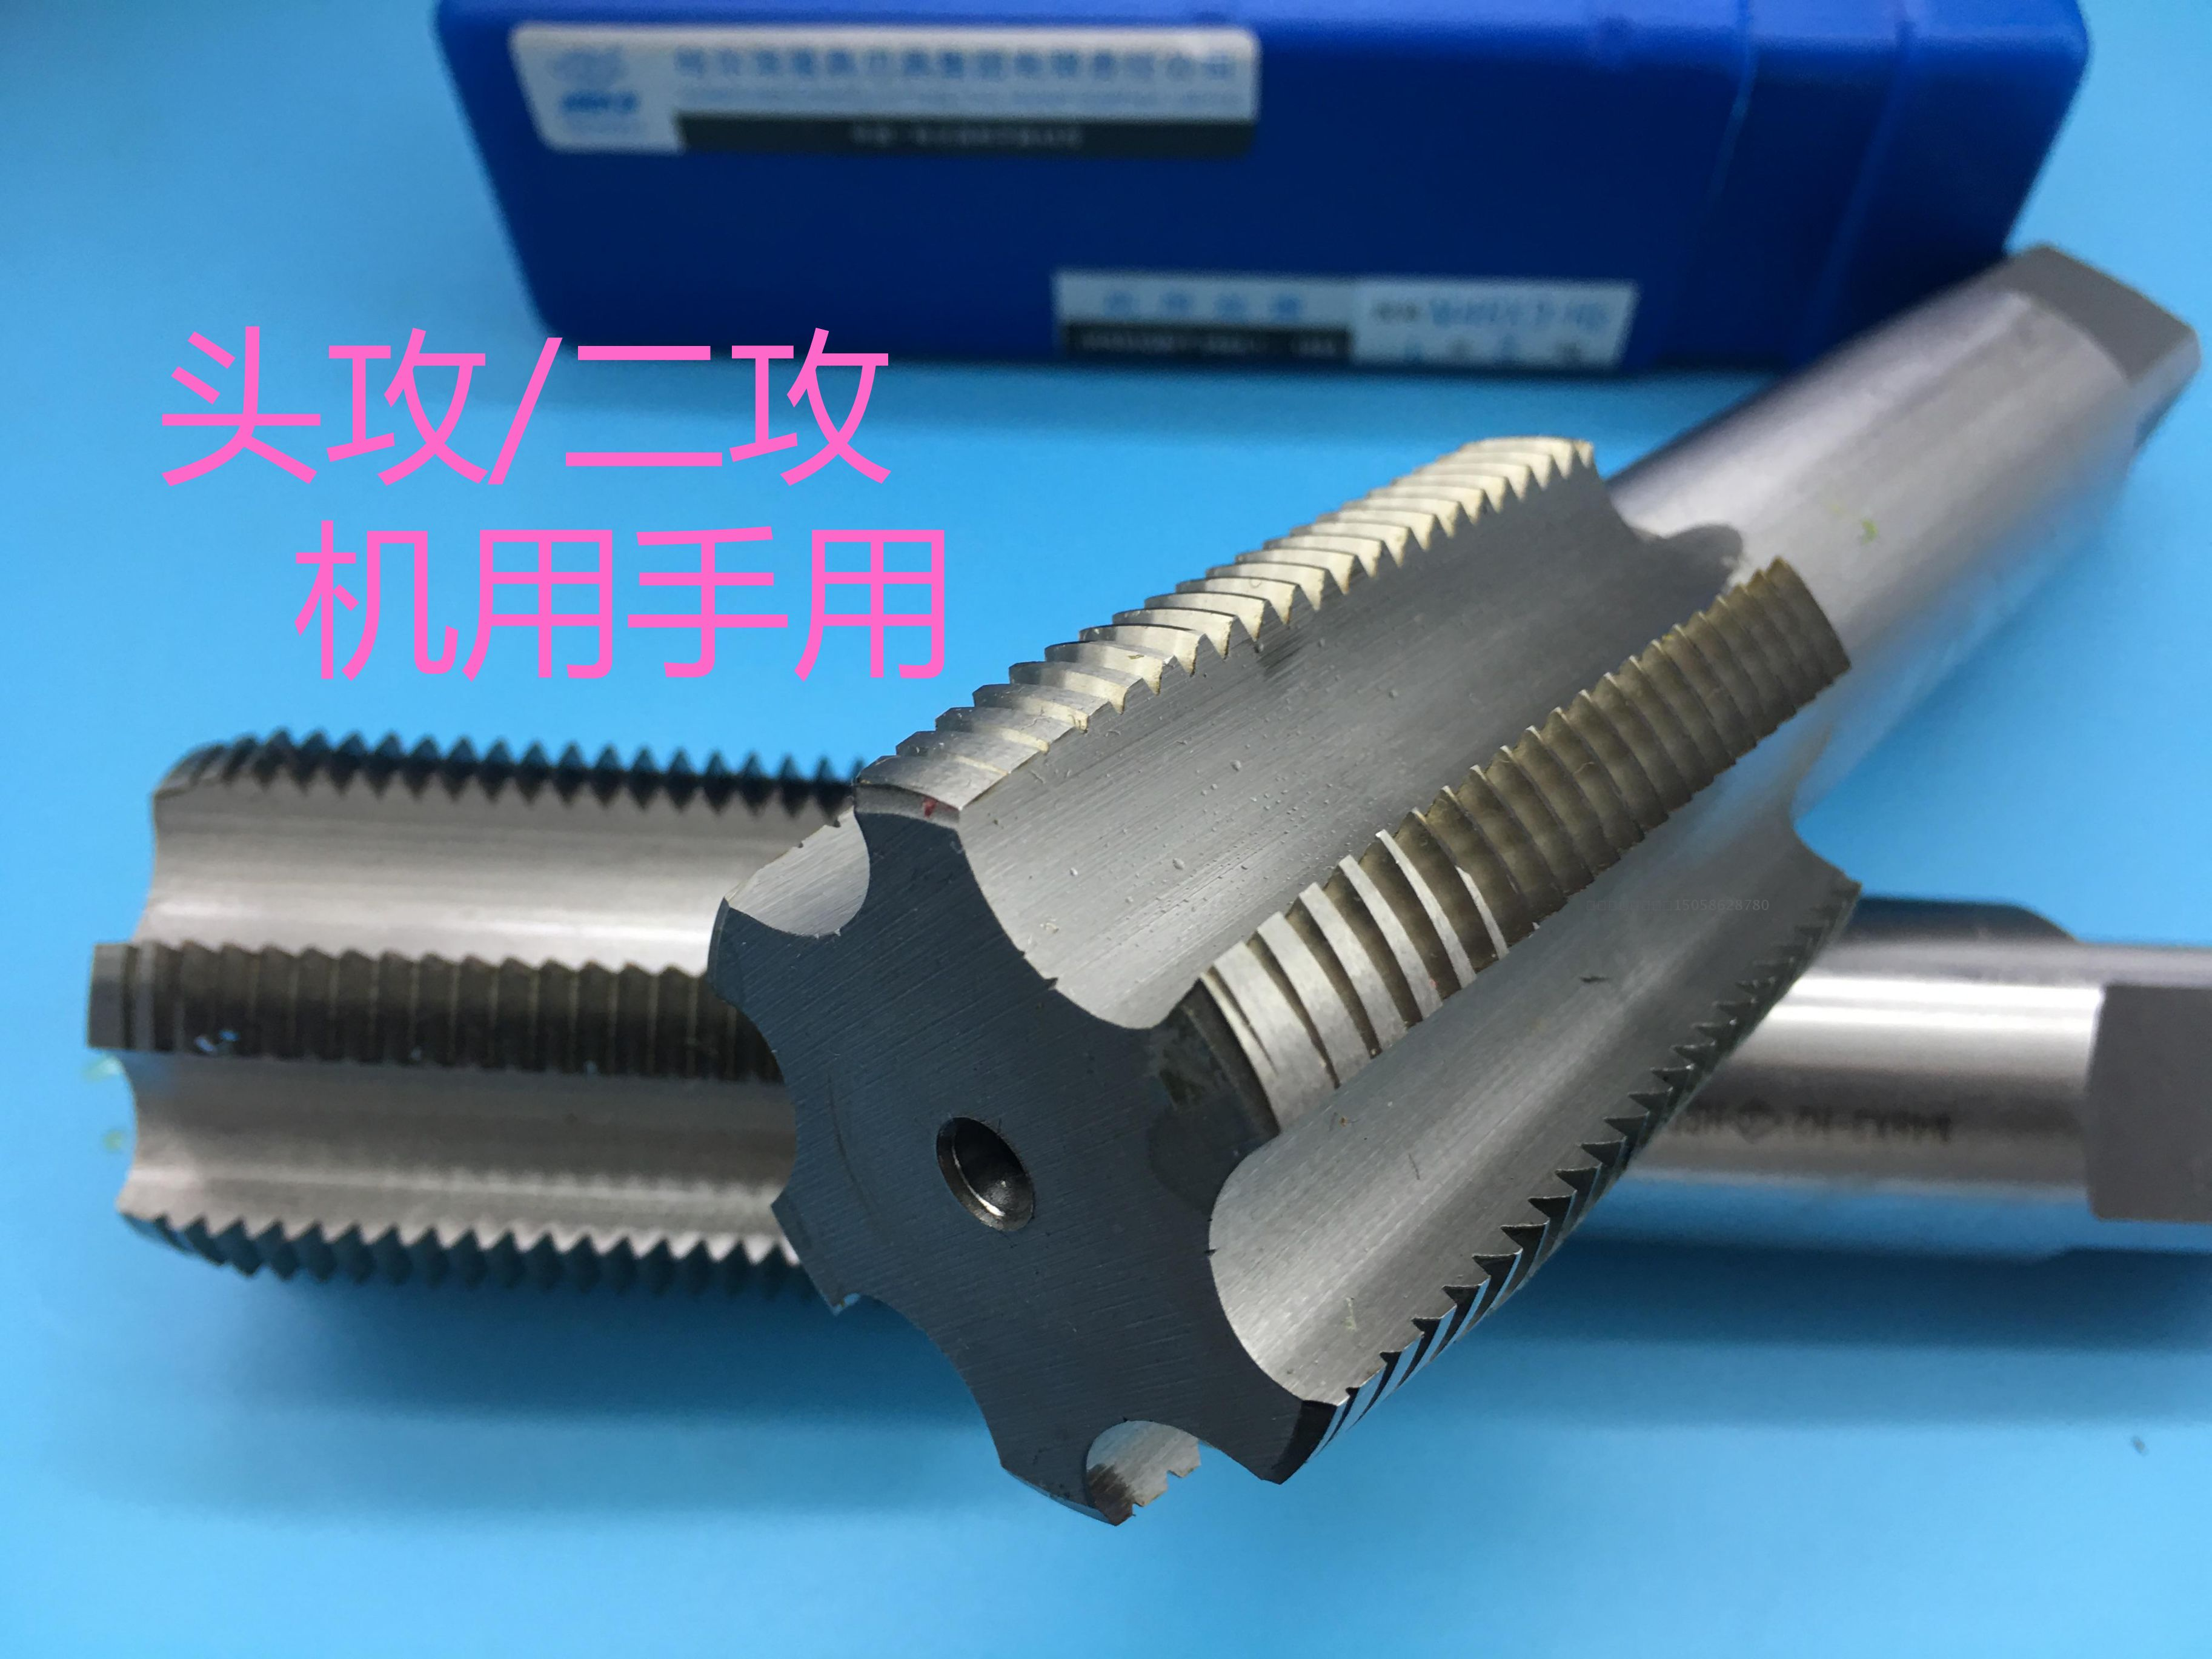 Harbin machine taps with high speed steel machine screw tap M38*1.5M40*2M42M45M48